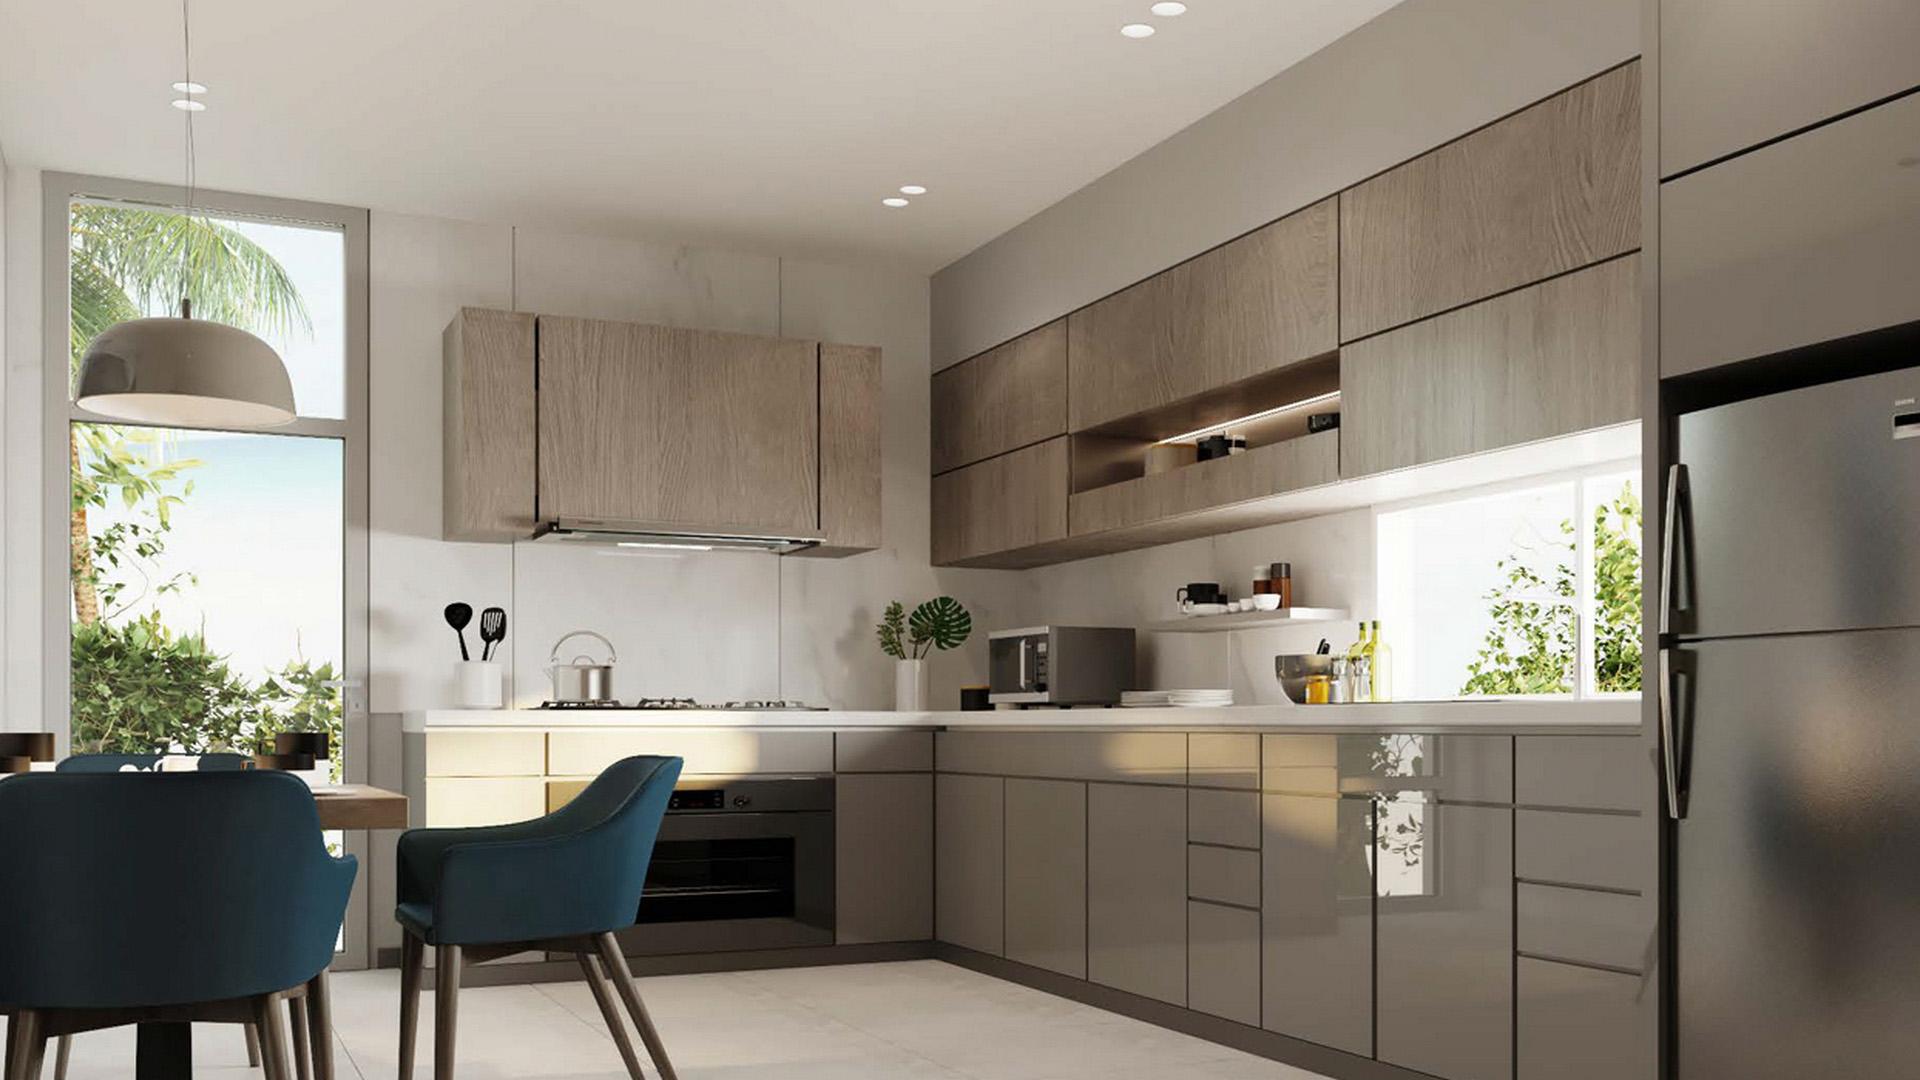 Adosado en venta en Dubai, EAU, 3 dormitorios, 241 m2, № 24637 – foto 3